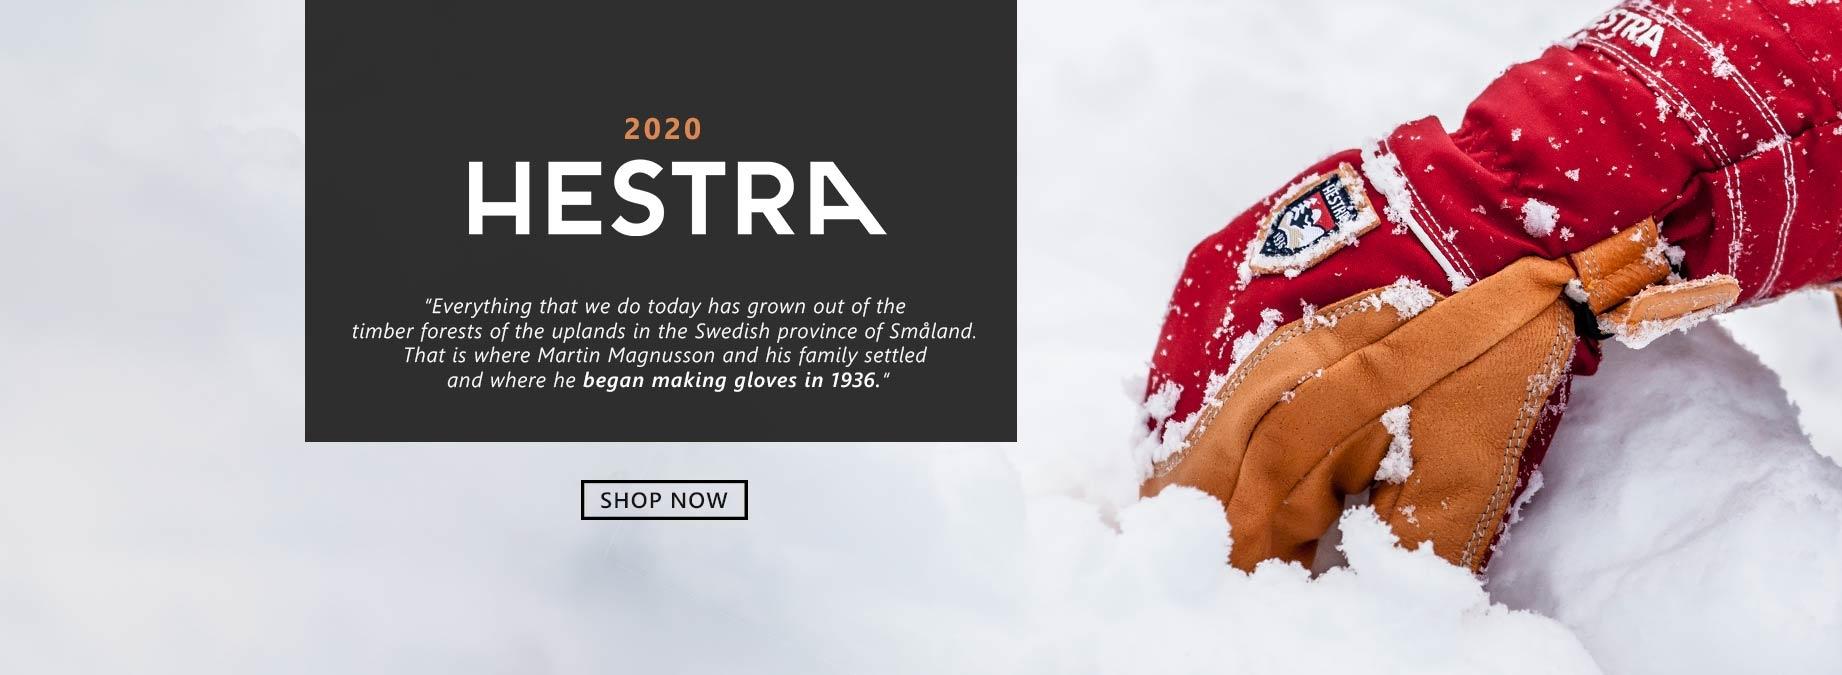 Hestra Gloves 2020